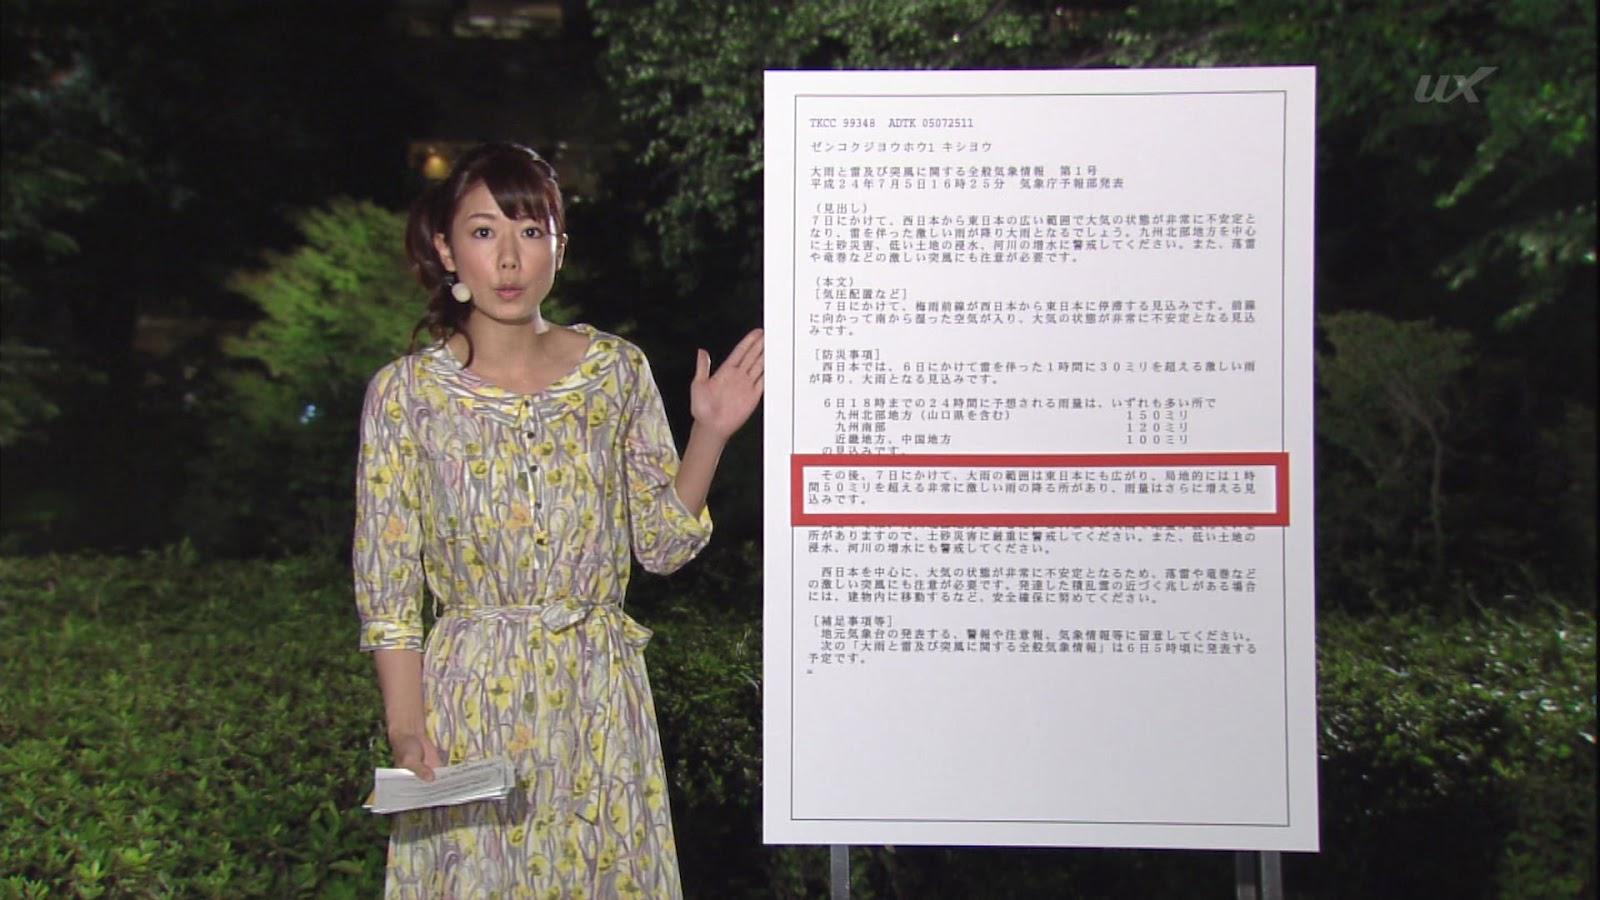 青山愛 (アナウンサー)の画像 p1_3